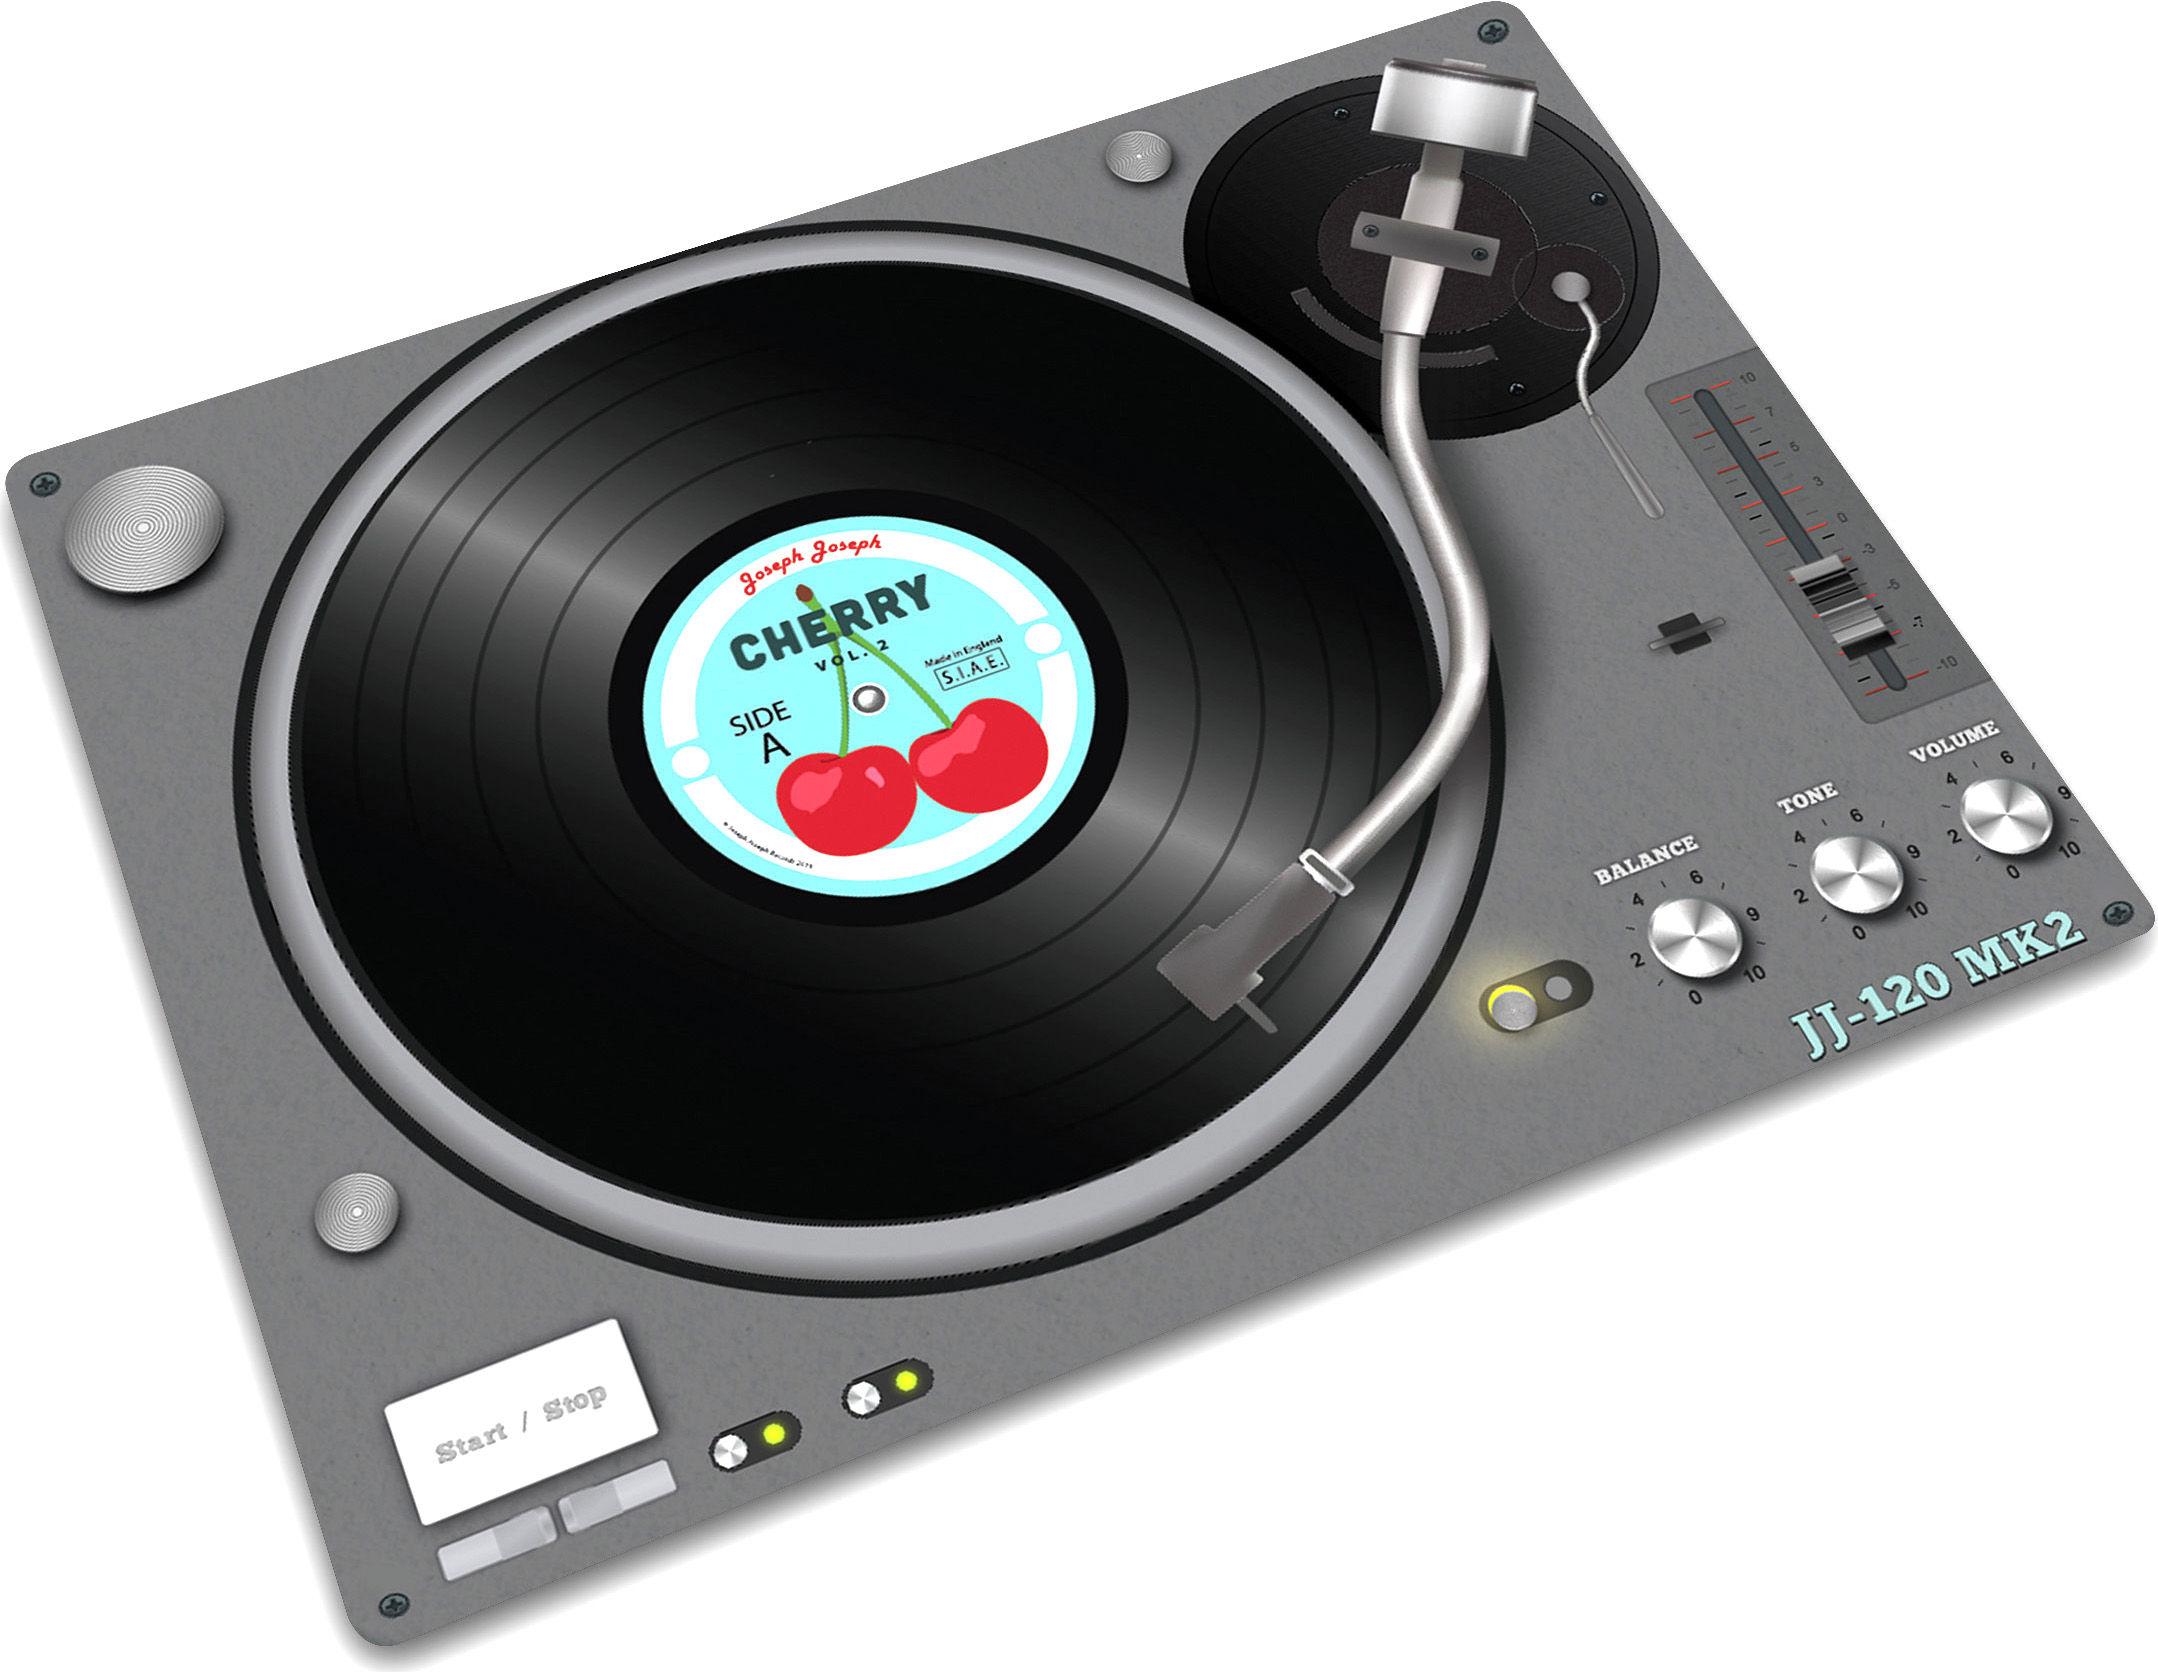 Ca vous dirait de mixer (pardon de cuisiner) sur cette platine vinyle ?